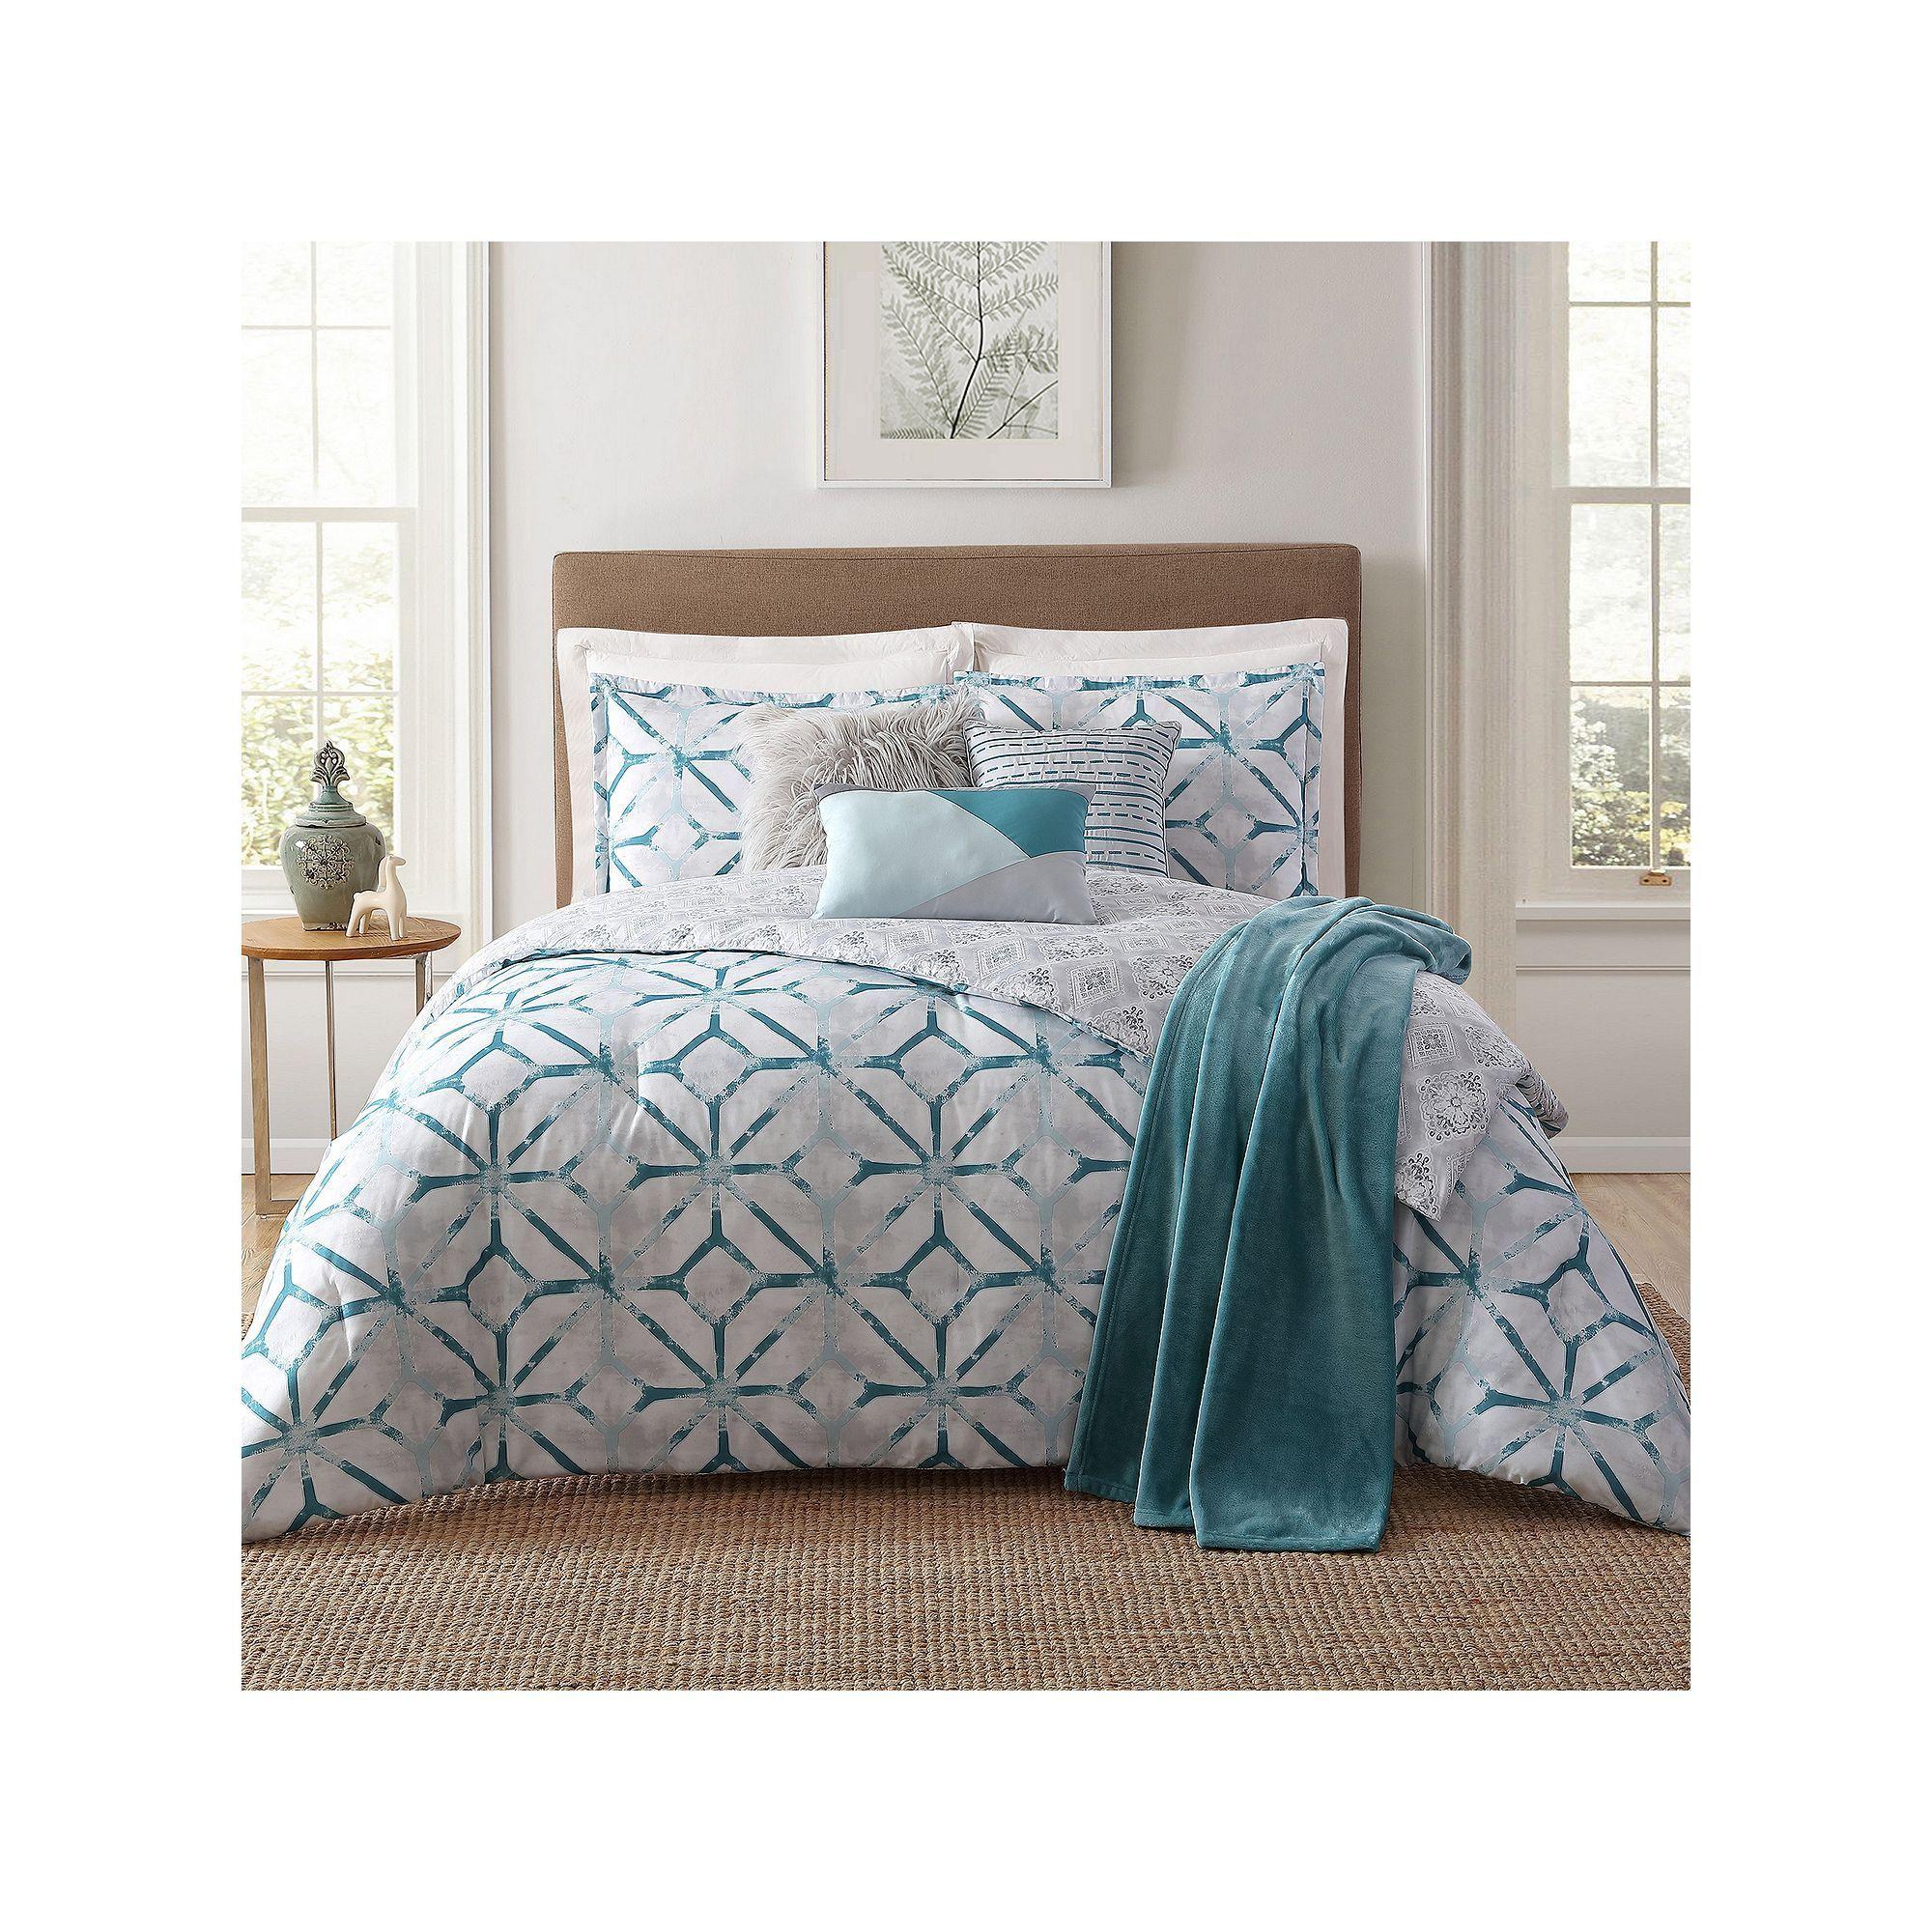 Best Lancaster 7 Piece Comforter Set Comforters Comforter 400 x 300